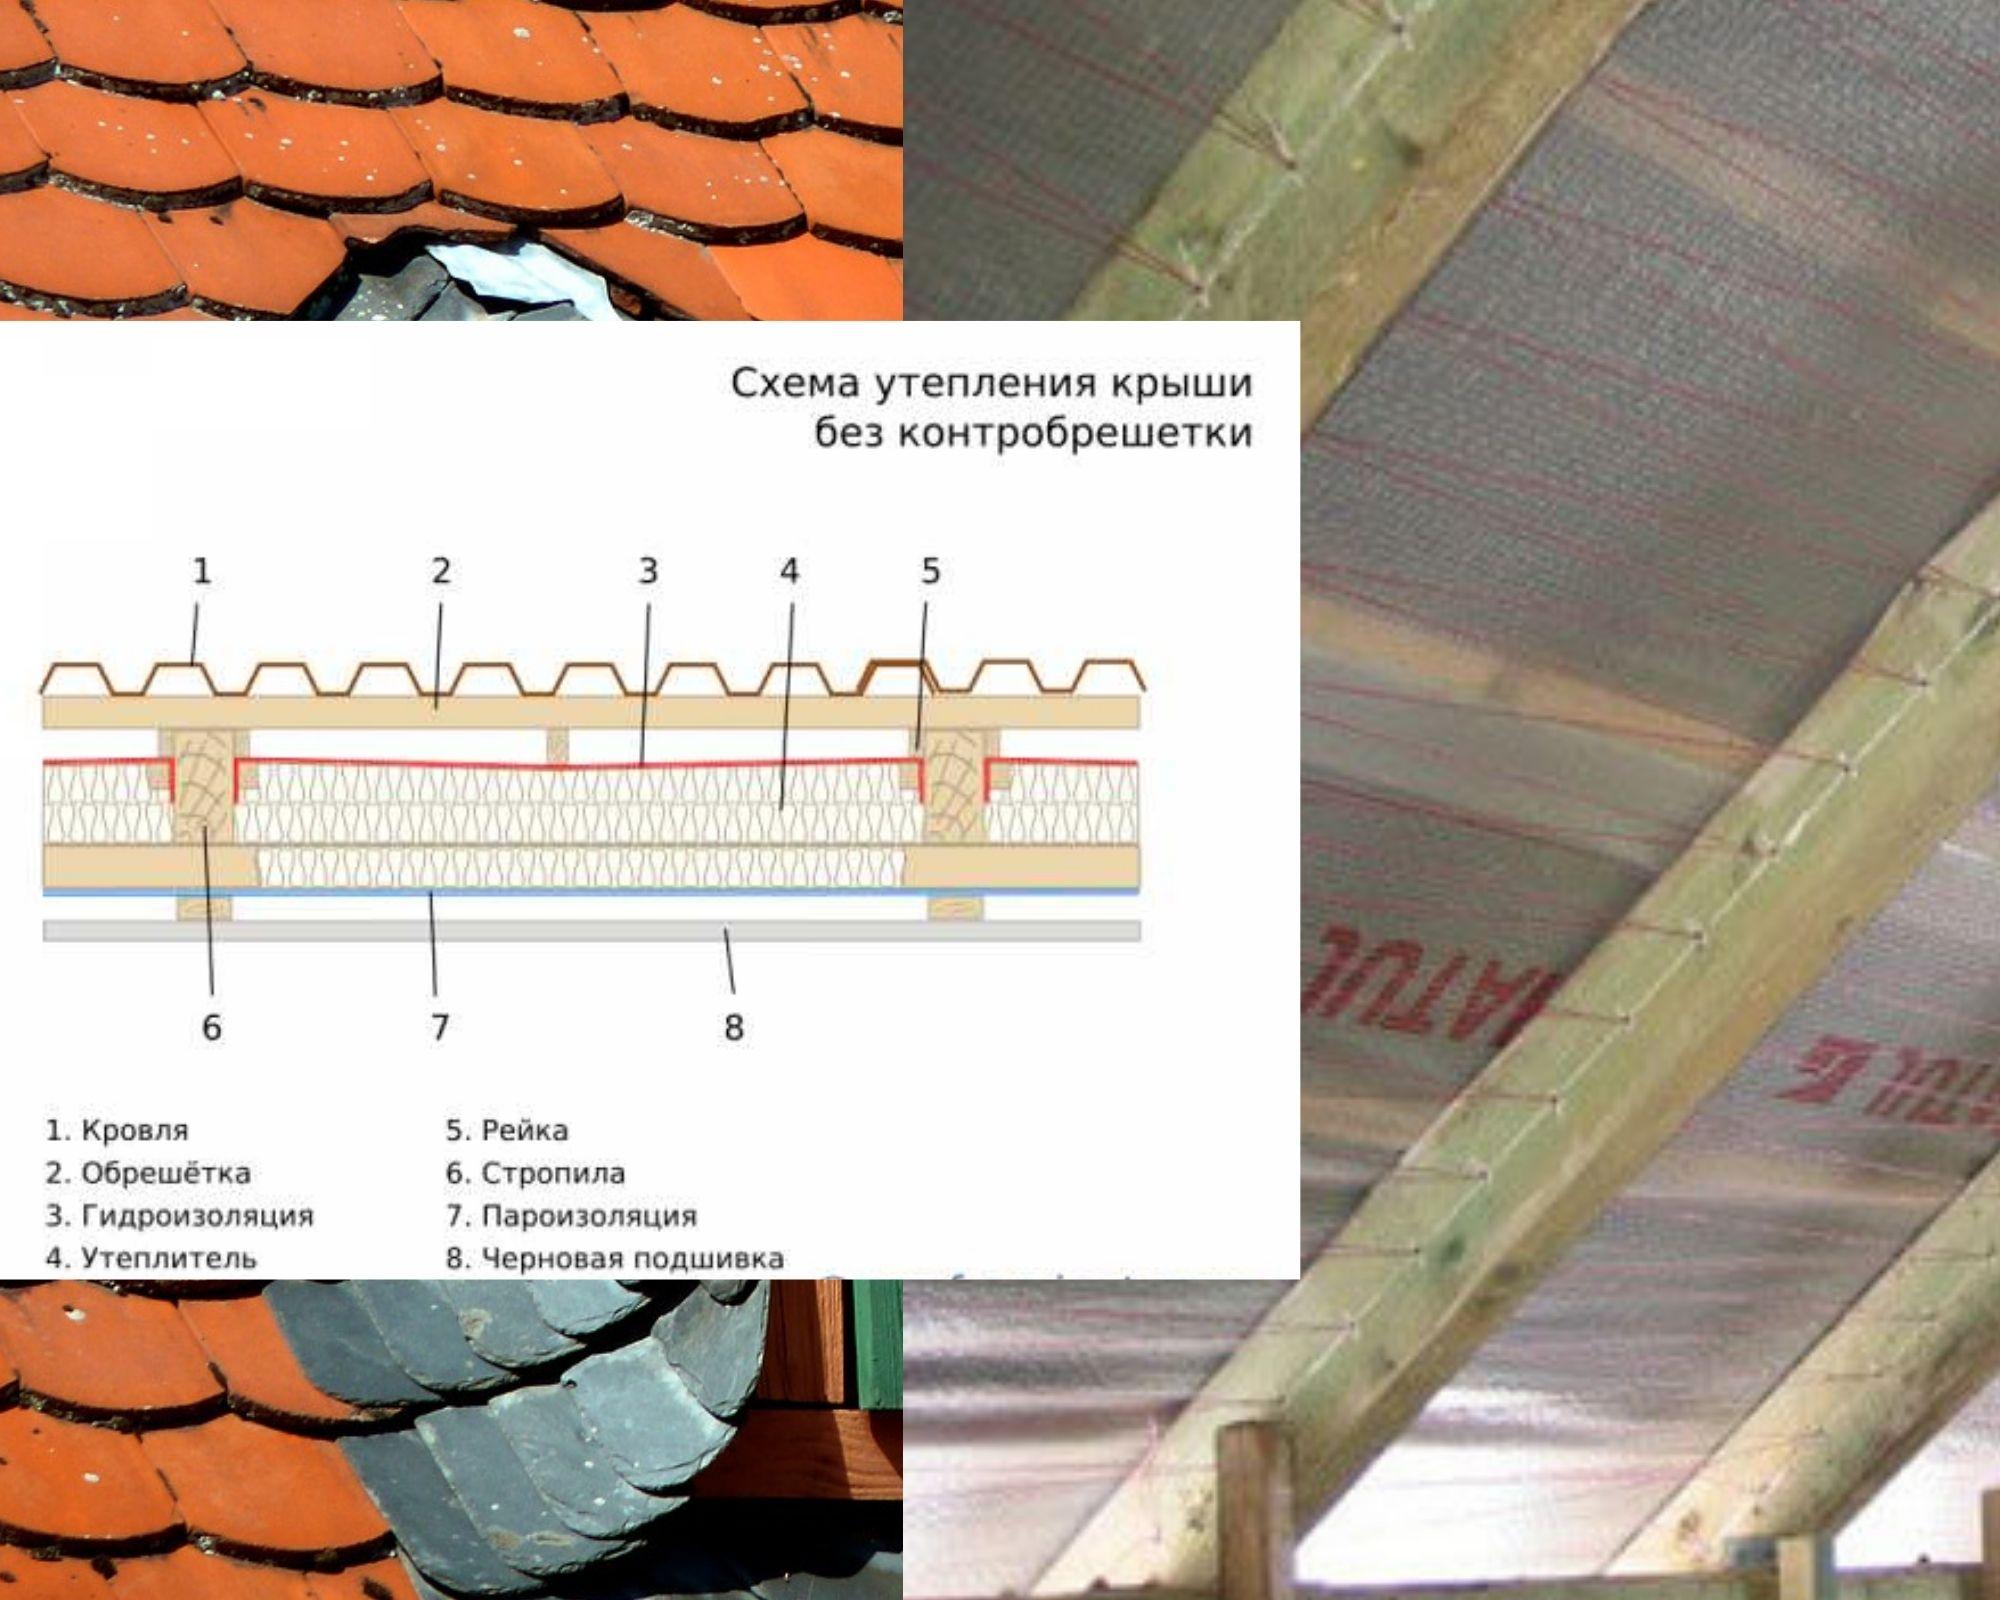 Схема: Утепление крыши, у которой нет контробрешетки и гидроизоляции.